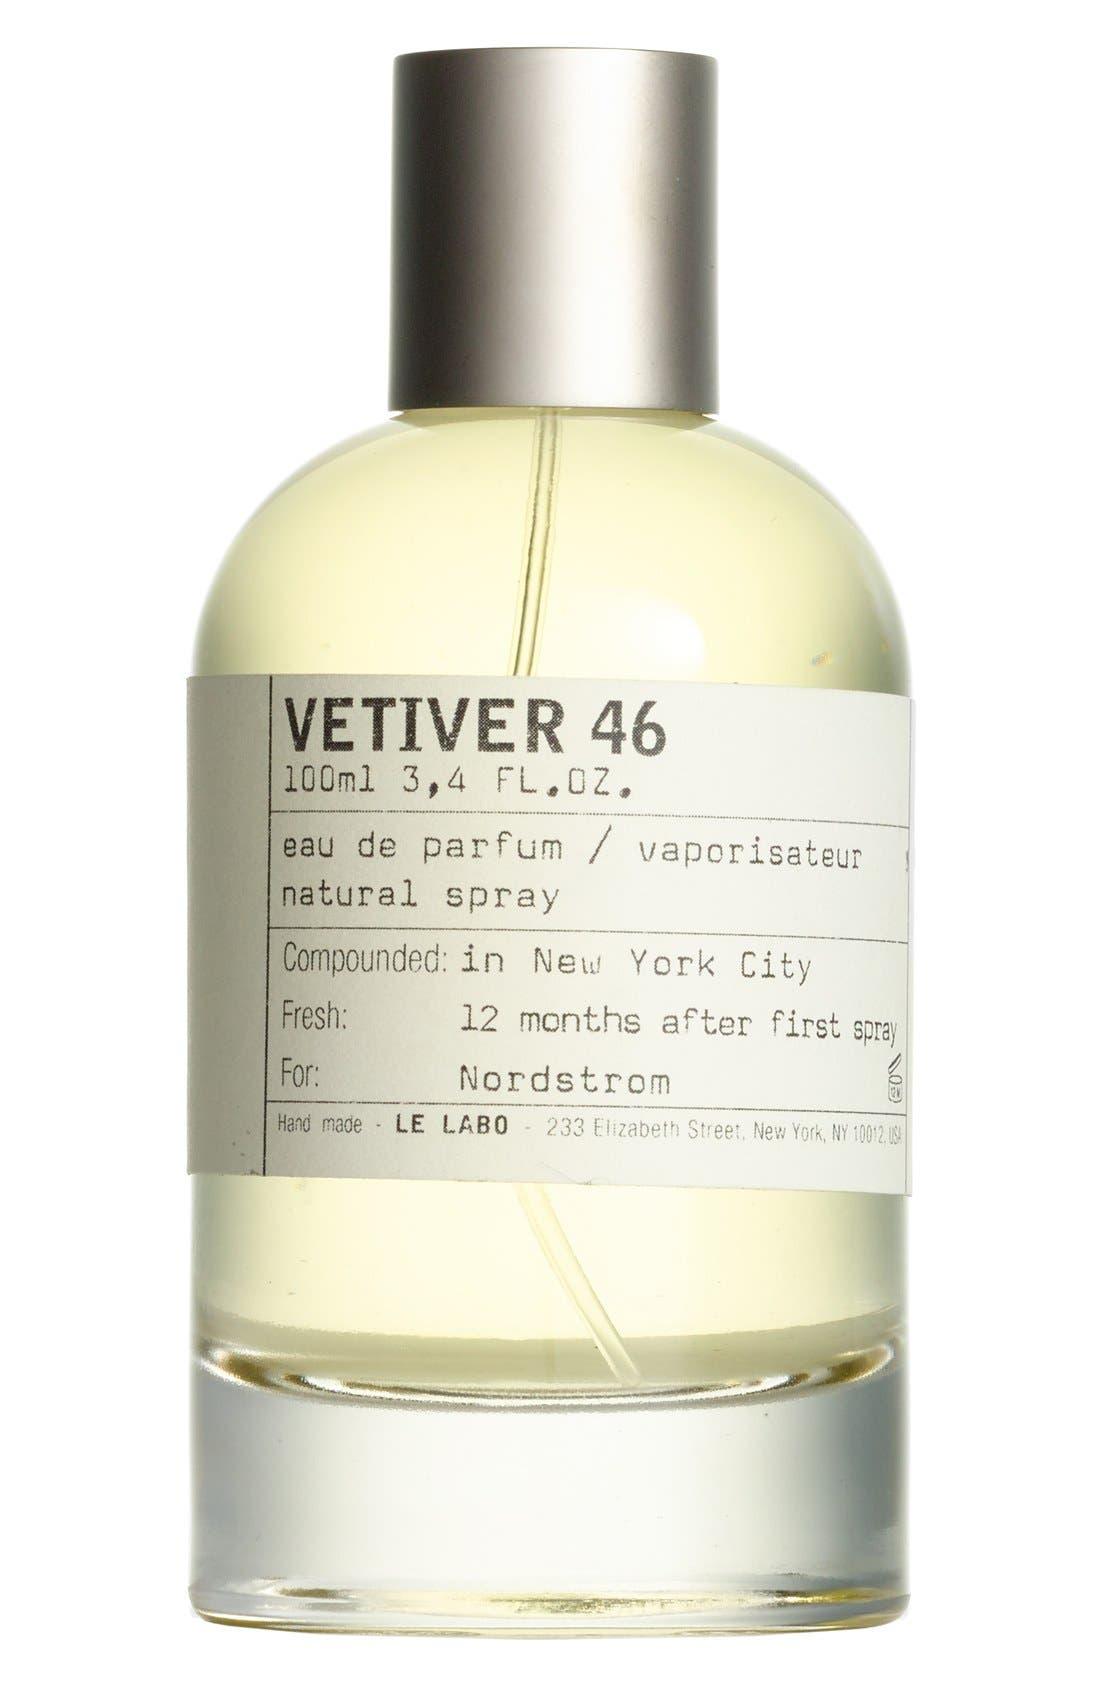 Le Labo 'Vetiver 46' Eau de Parfum